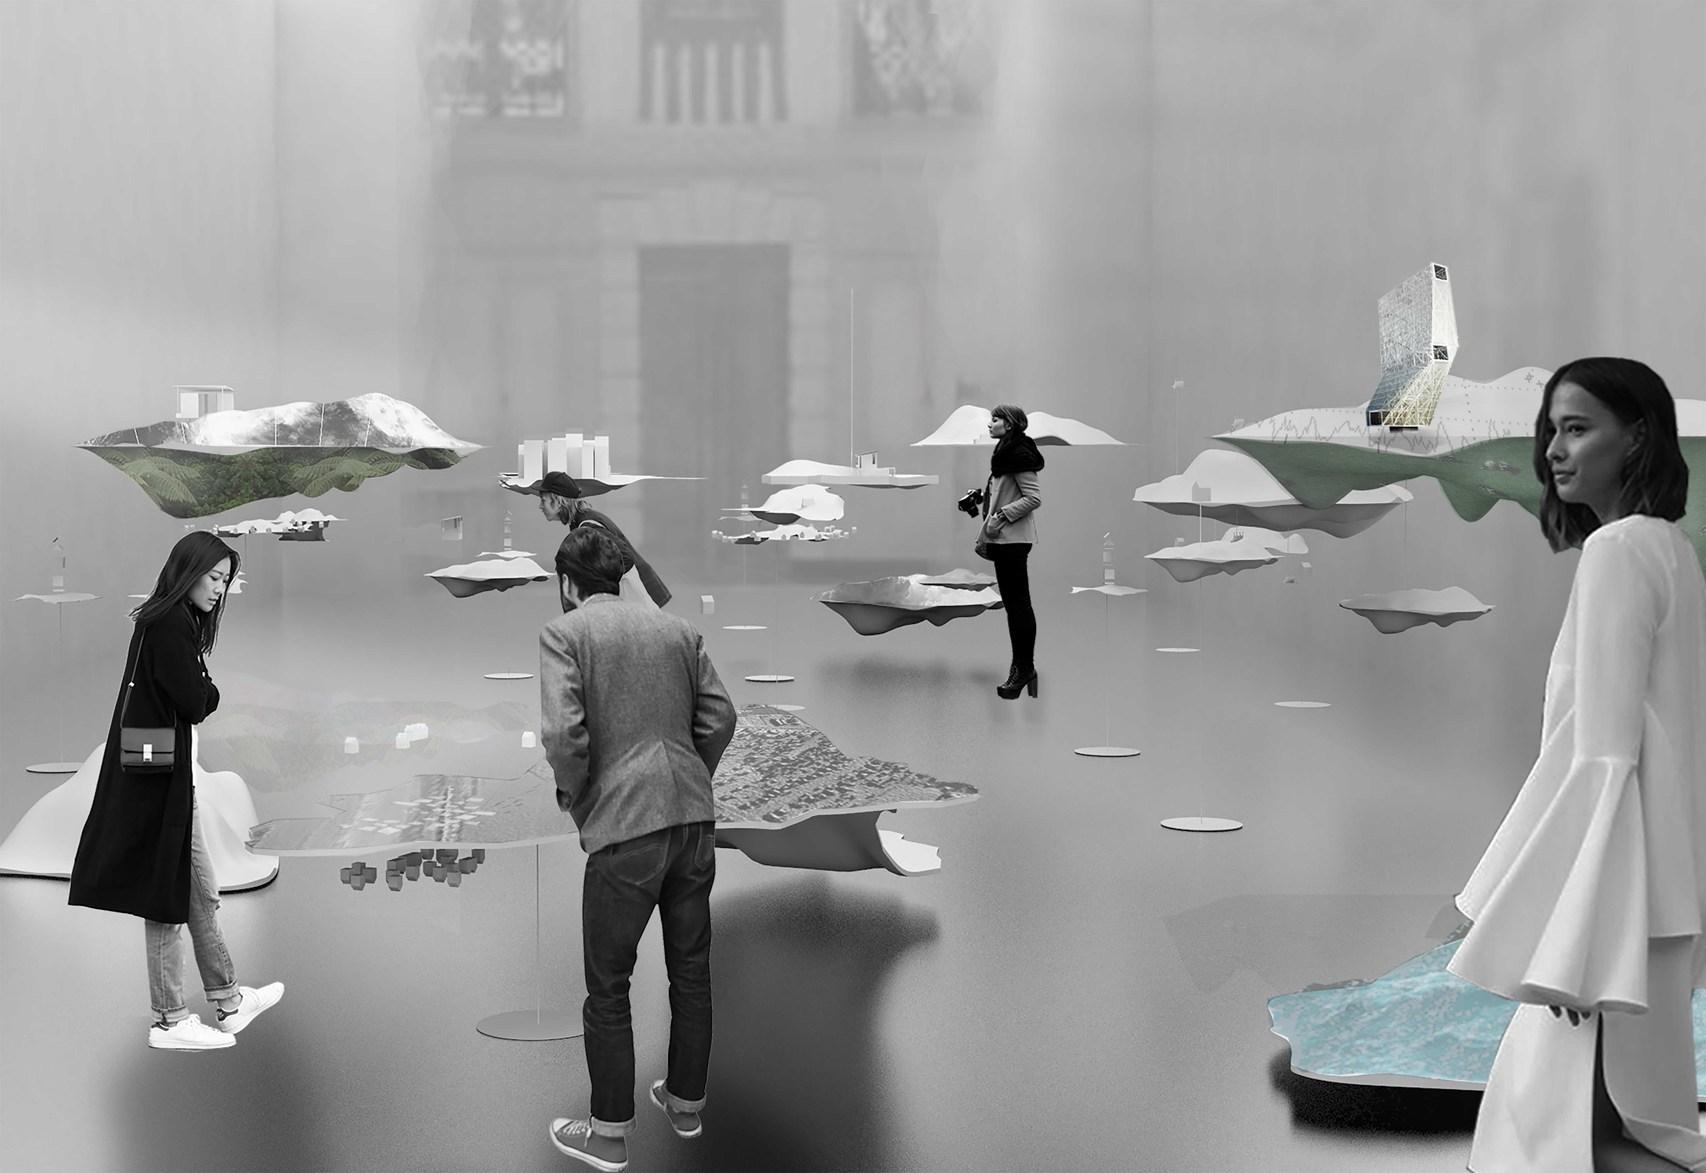 Flos alla biennale di architettura di venezia 2016 for Biennale venezia 2016